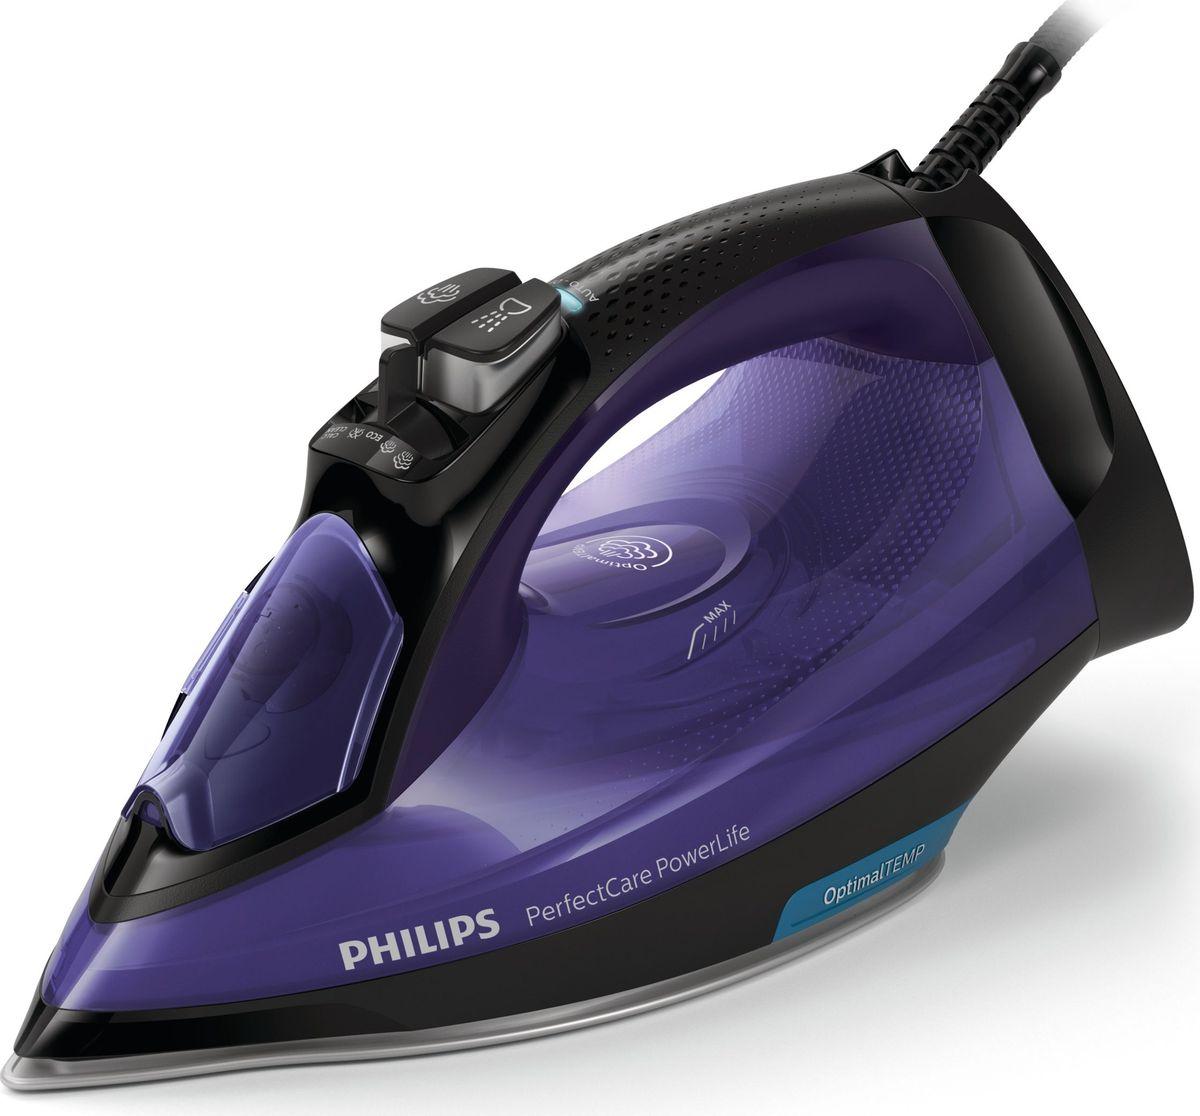 Philips GC3925/30 PerfectCare, Purple Black утюгGC3925/30Быстрее и проще, без необходимости регулировки температуры! 100% бережный уход даже для деликатных тканей. Глажение любых тканей - от джинсовых до шёлковых - без изменения настроек. Технология OptimalTEMP обеспечивает идеальное сочетание мощного пара и температуры, позволяя быстро разгладить складки без риска прожечь ткань или оставить блестящие следы. Оставлять утюг с нагретой подошвой на гладильной доске теперь безопасно. Глажение еще никогда не было таким лёгким и быстрым! Простое глажение без необходимости регулировки температуры:Гладьте любые ткани — от джинсовых до шелковых — без регулировки температурыПротестировано и одобрено экспертами в области текстиляСамая быстрая подошва: SteamGlide Plus2500 Вт для быстрого нагрева и безупречного глаженияПодача пара до 45 г/мин для лучшего разглаживания складокПаровой удар до 180 г для легкого разглаживания жестких складокУтюг автоматически выключается, если оставлен без присмотра